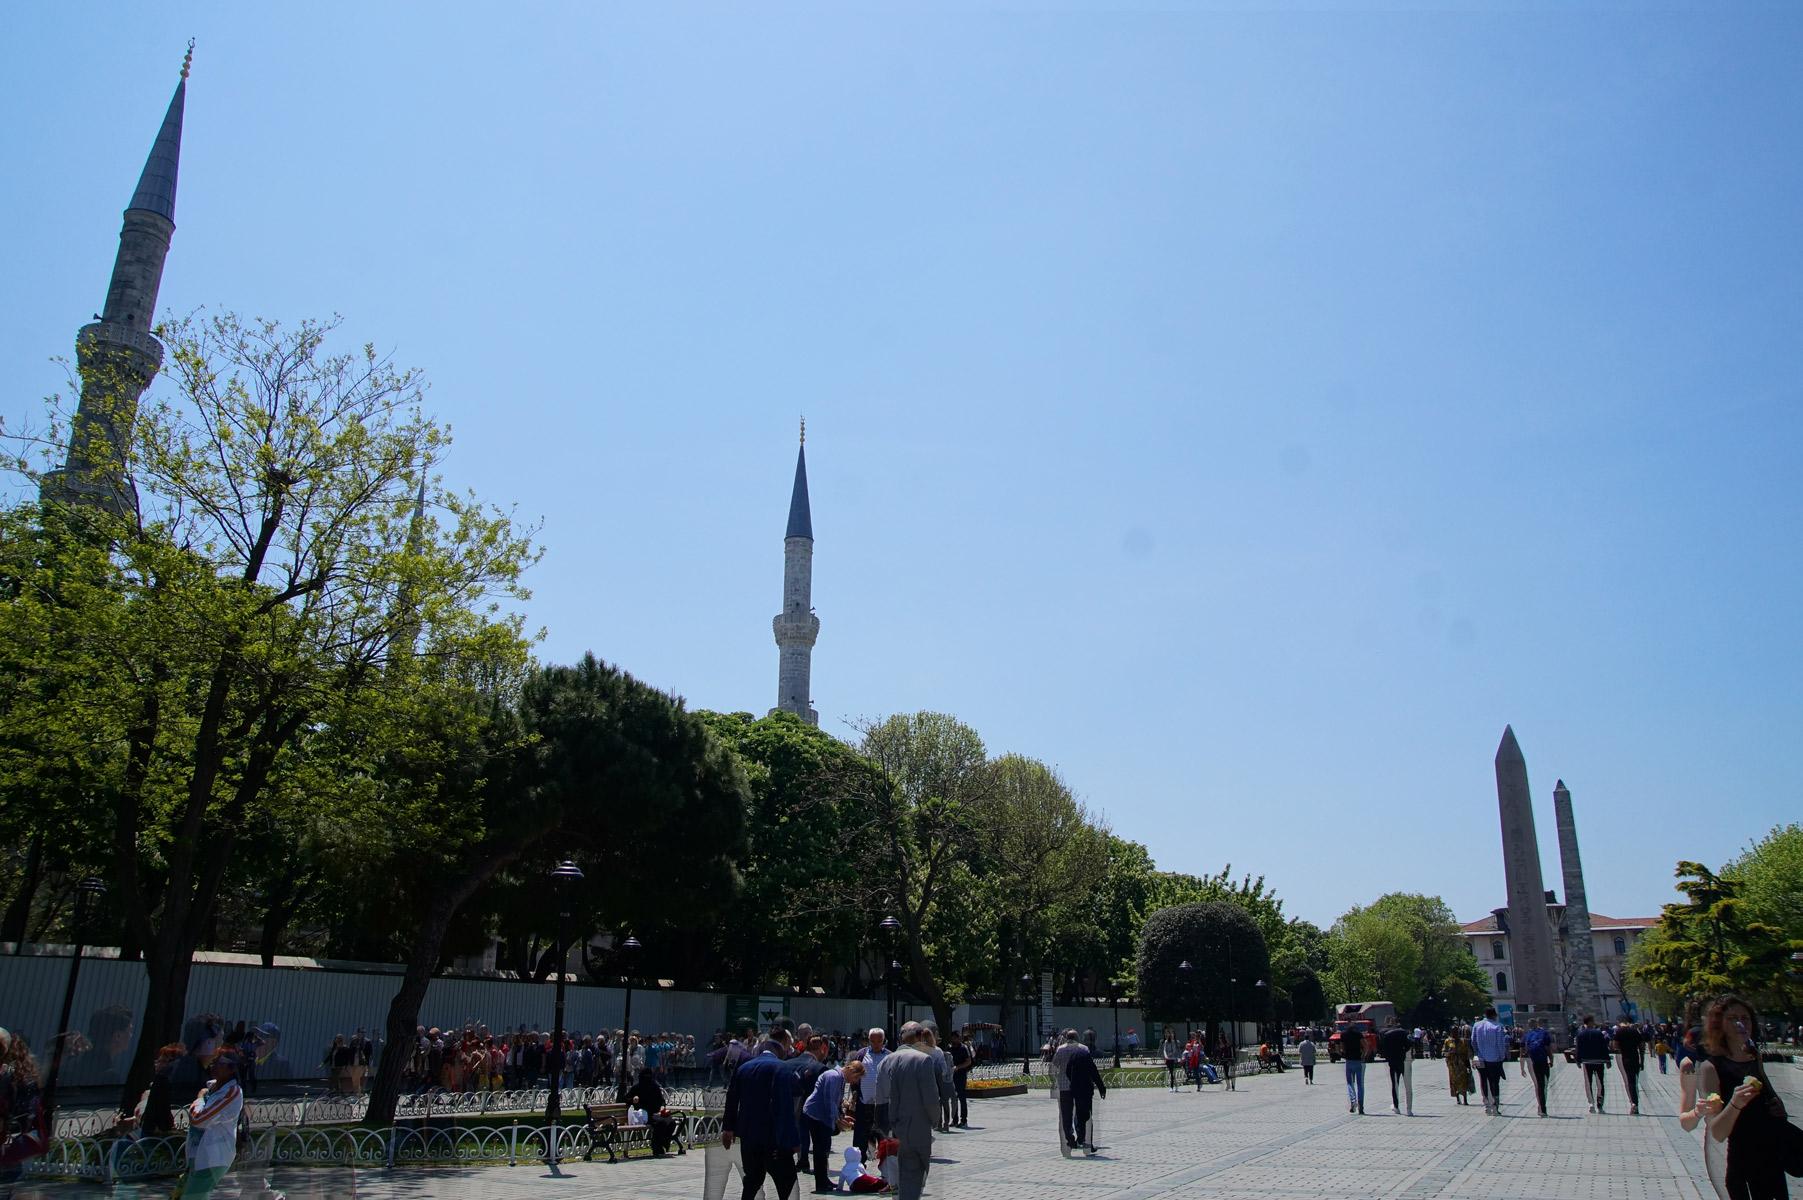 Минареты Голубой мечети. Саму мечеть не видно за безобразным строительным металлическим забором. Местные мэры Собакины так же активны, как и наши! Стамбул, Турция, весна 2019